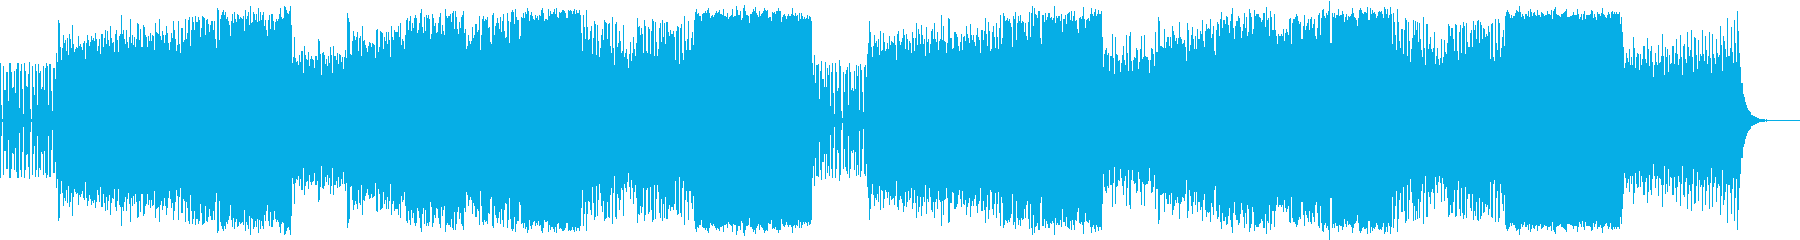 壮大荘厳なフルオーケストラの再生済みの波形